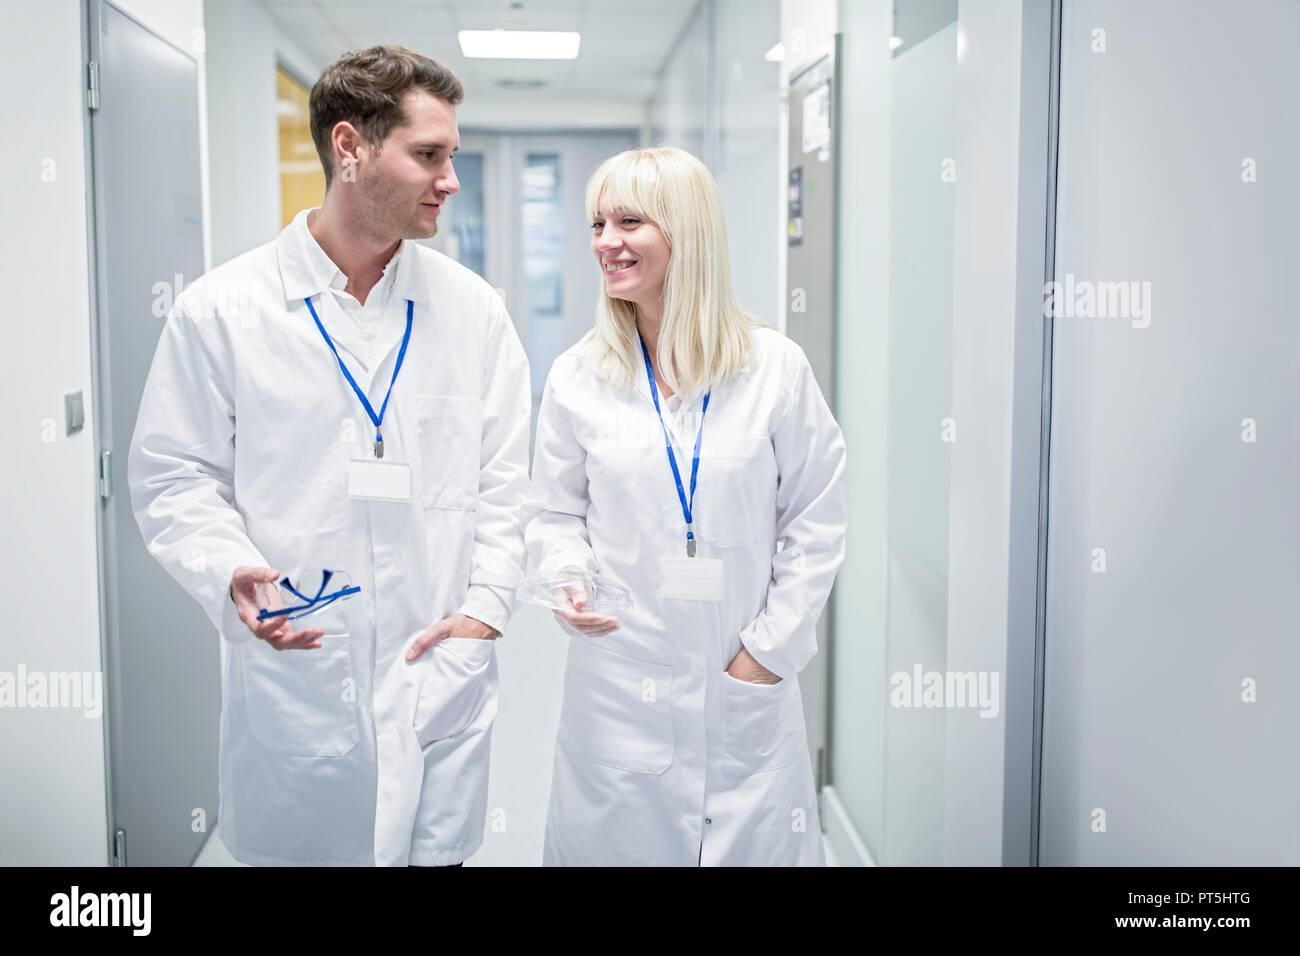 Männliche und weibliche Ärzte in weißen Kitteln Korridor hinunter. Stockfoto